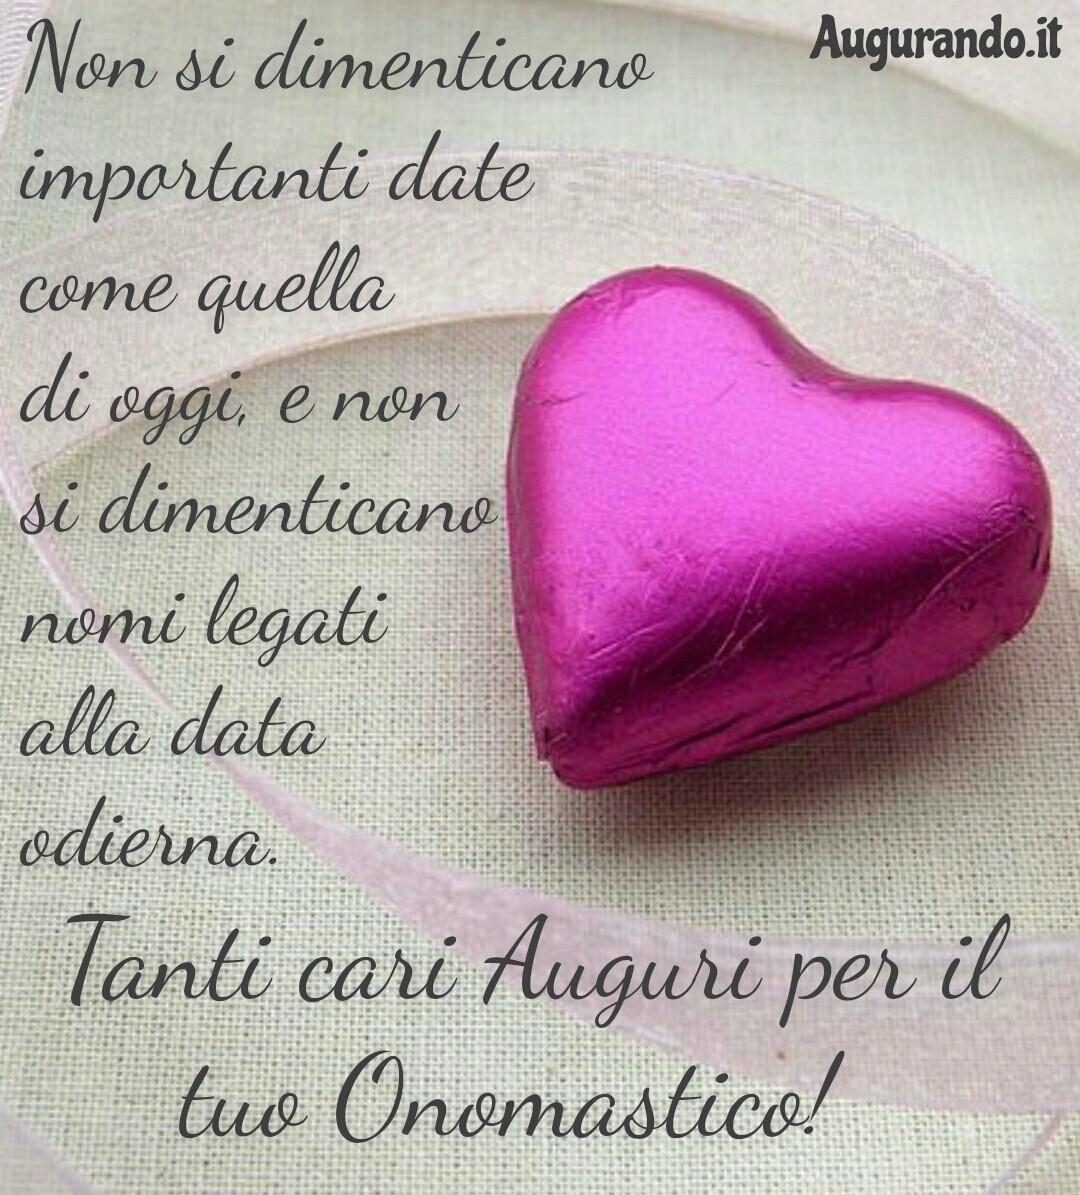 Buon Onomastico, onomastico, felice onomastico, sereno onomastico, auguri buon onomastico, buon onomastico amore, dolce onomastico a te, dolce onomastico, immagini buon onomastico